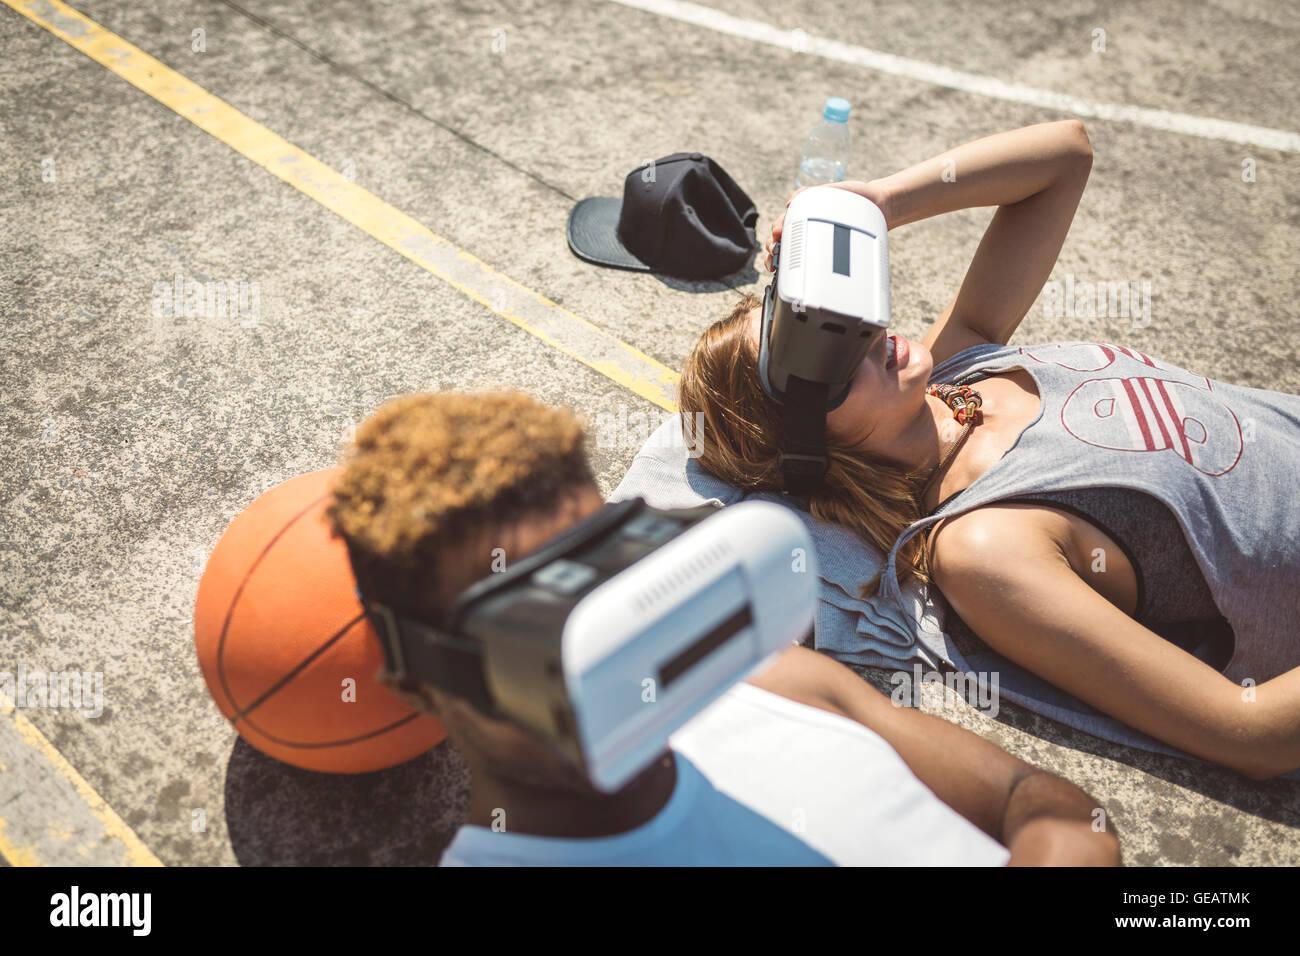 Pareja joven utilizando gafas de realidad virtual, descansando los jefes sobre baloncesto Foto de stock